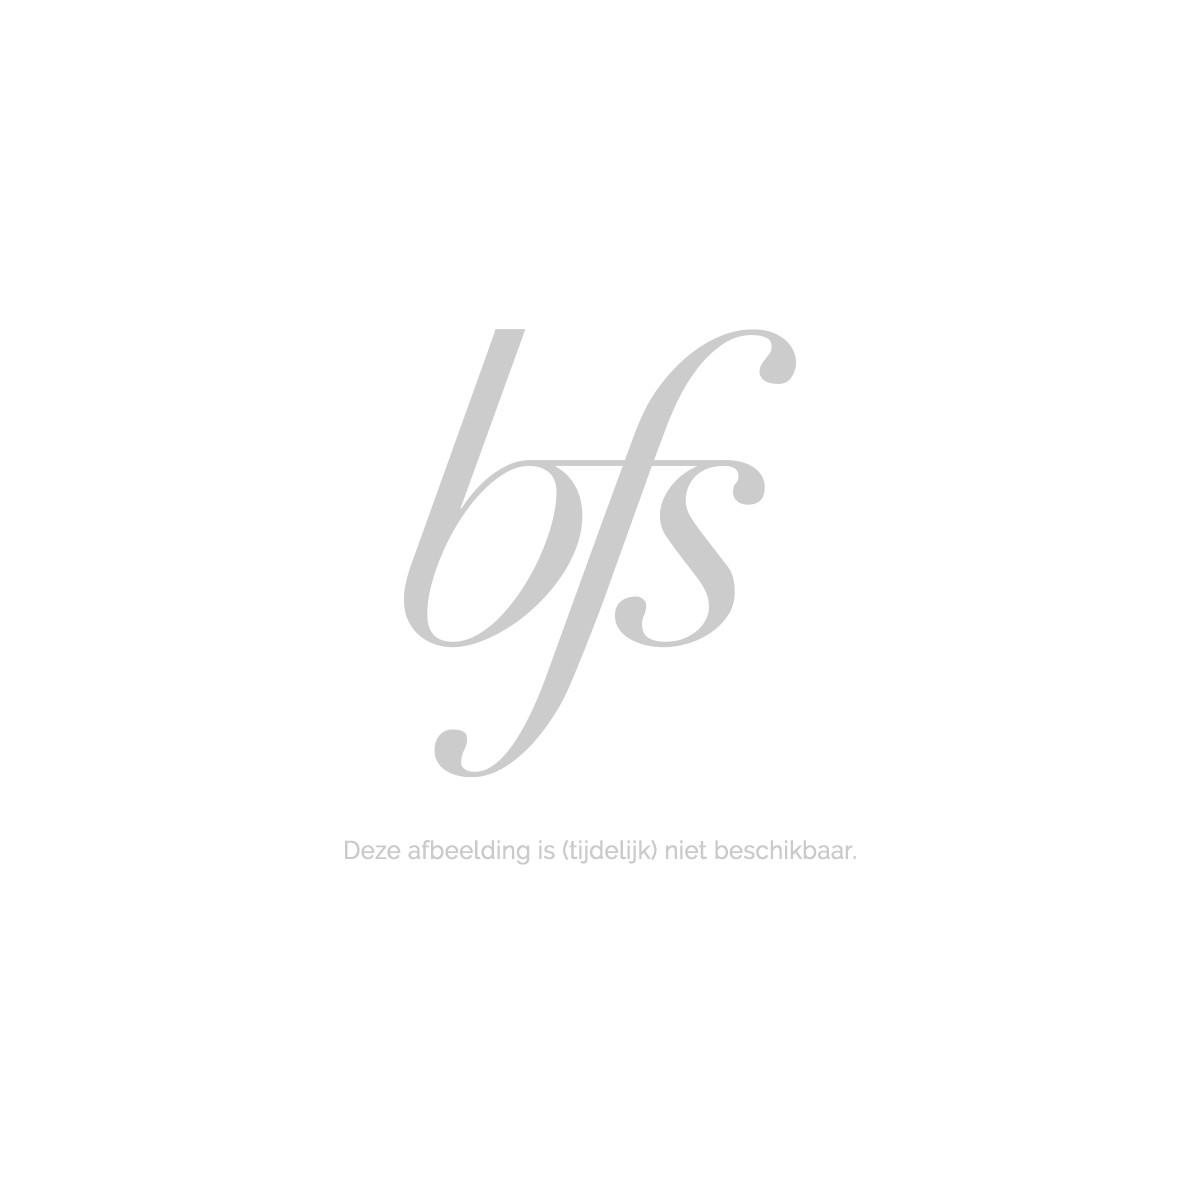 Alaia Alaia Blanche Eau de Parfum 50 ml